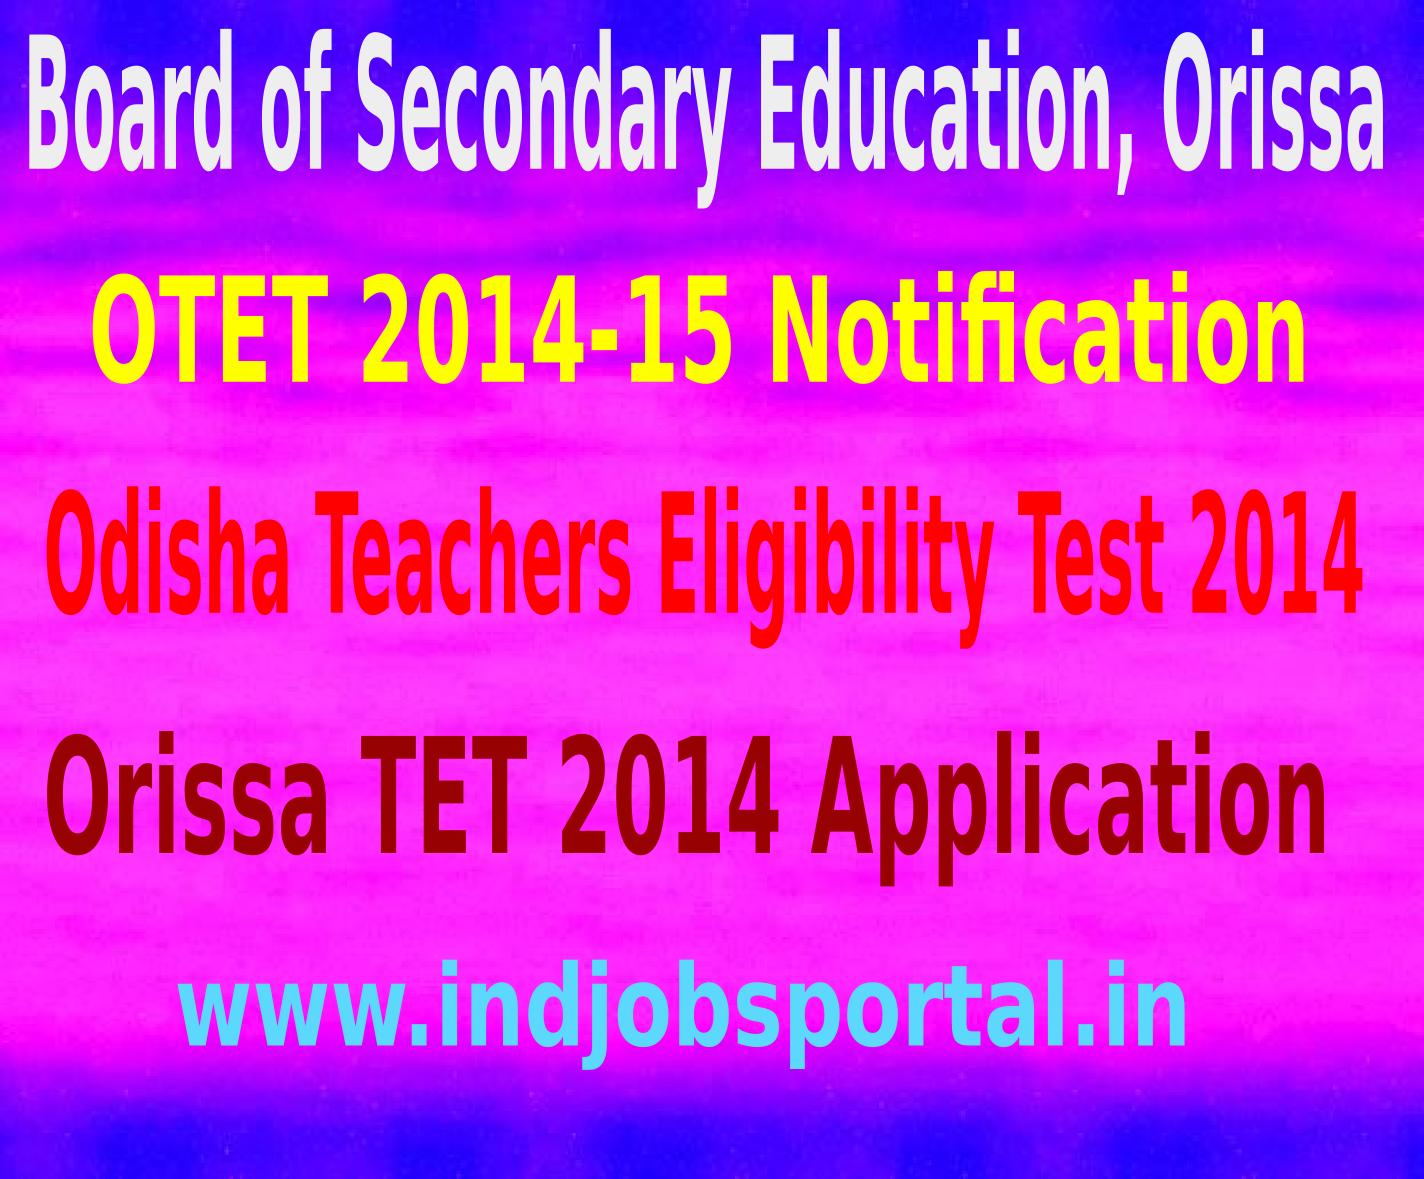 OTET 2014-15 Notification, Orissa TET 2014 Application Form